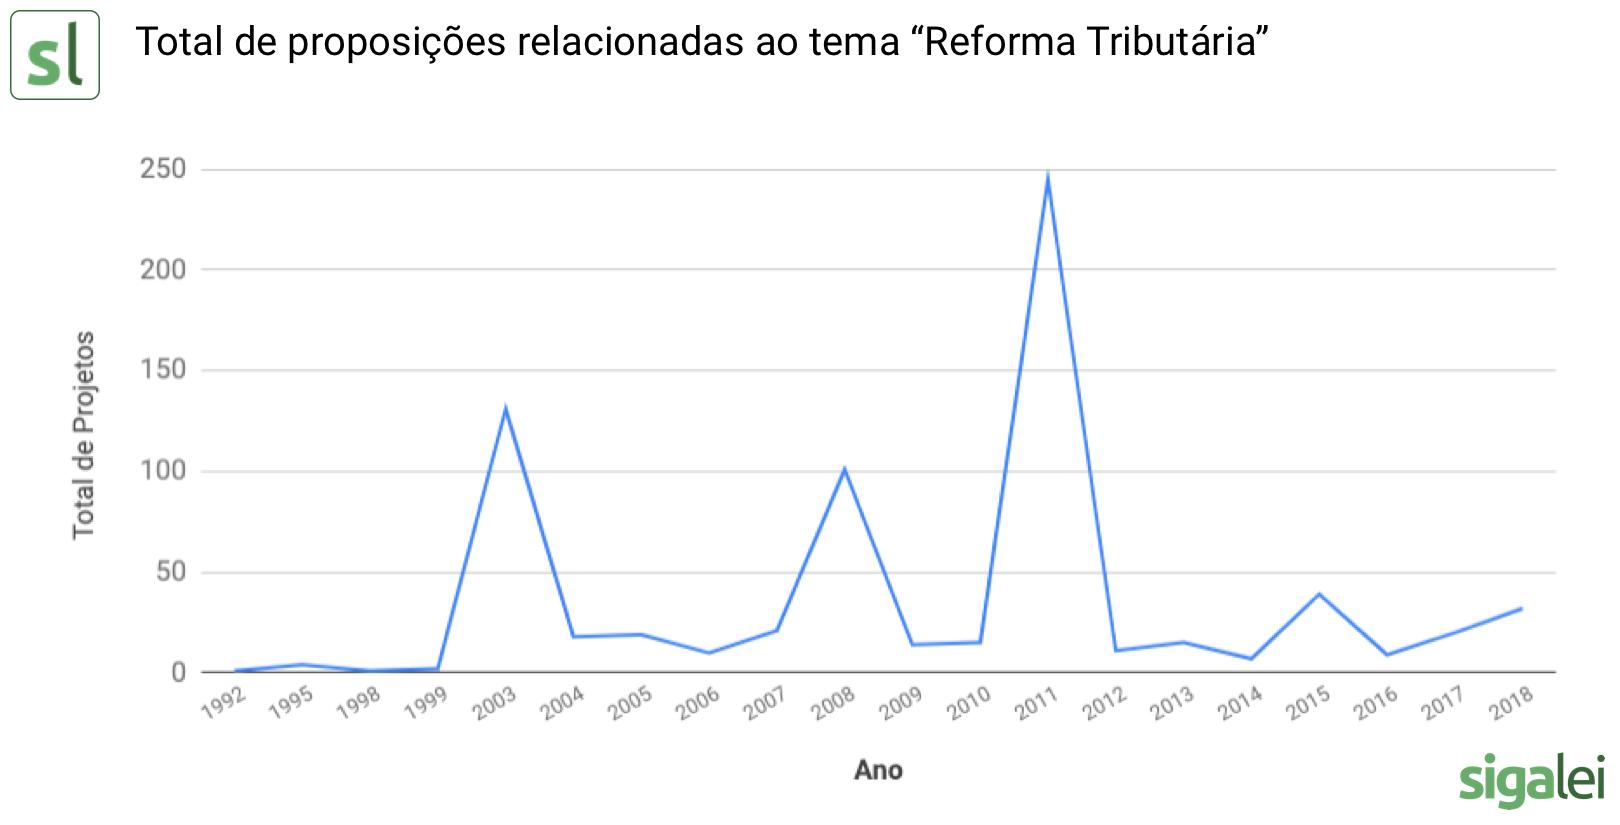 O gráfico mostra o número de proposições dos parlamentares federais ao longo dos anos, com destaque para 2003 e 2011.